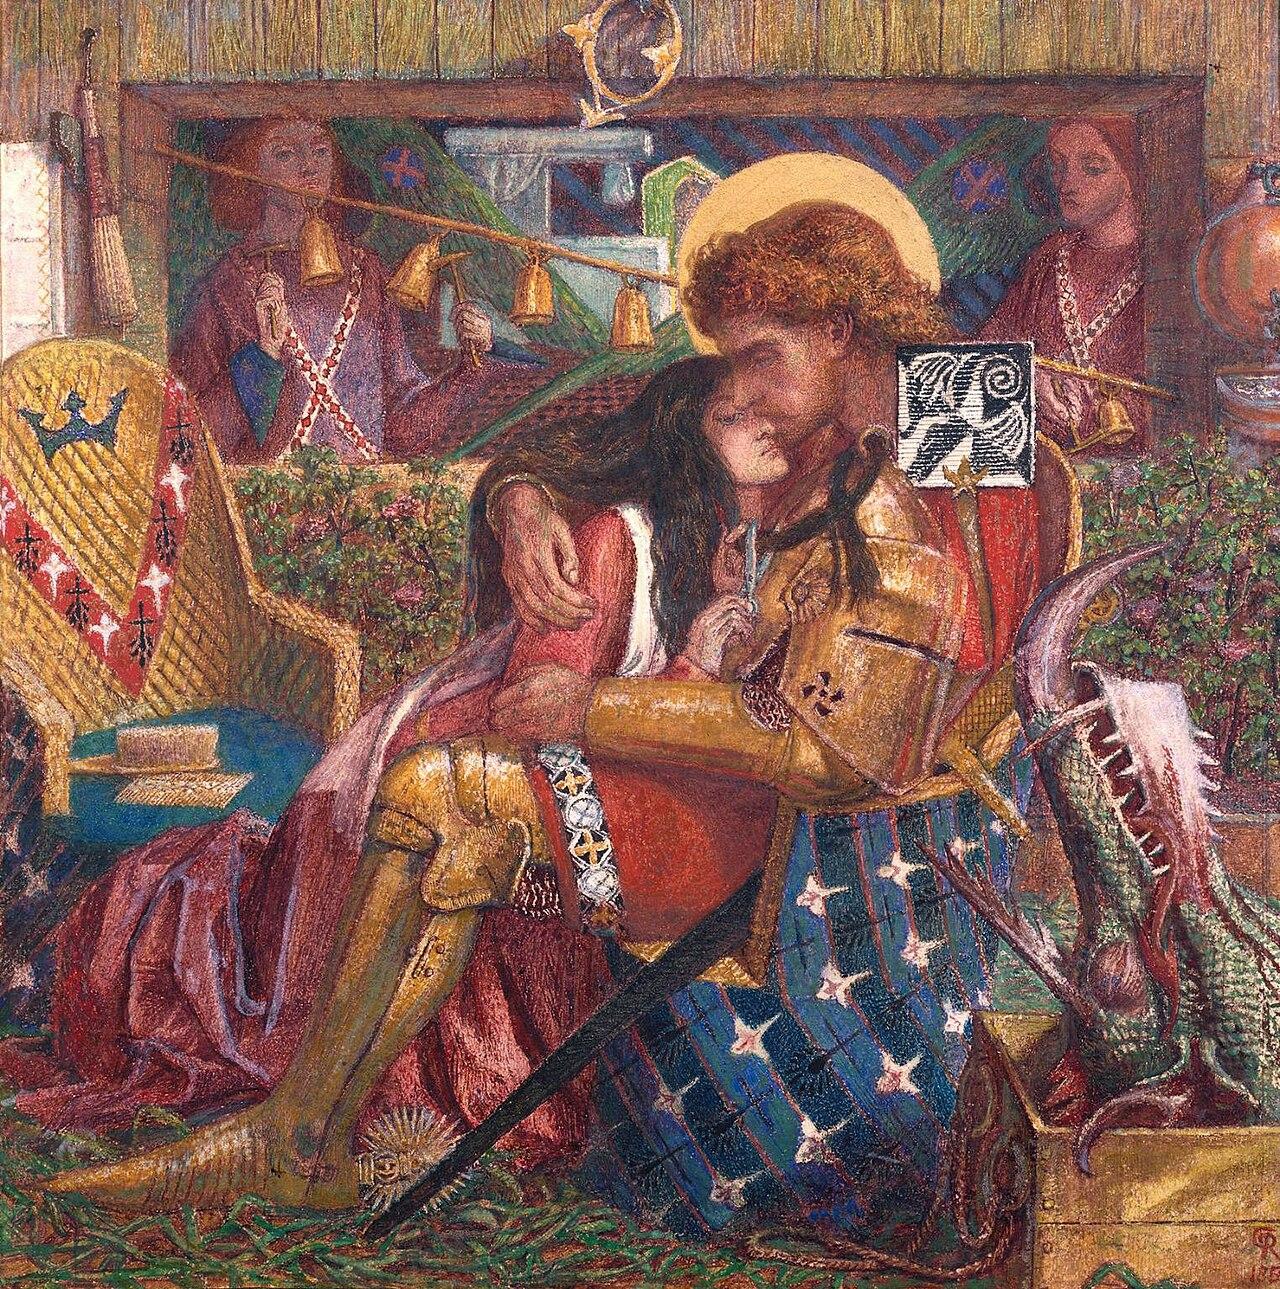 La mythologie dans la littérature 1280px-Dante_Gabriel_Rossetti_-_The_Wedding_of_St_George_and_Princess_Sabra